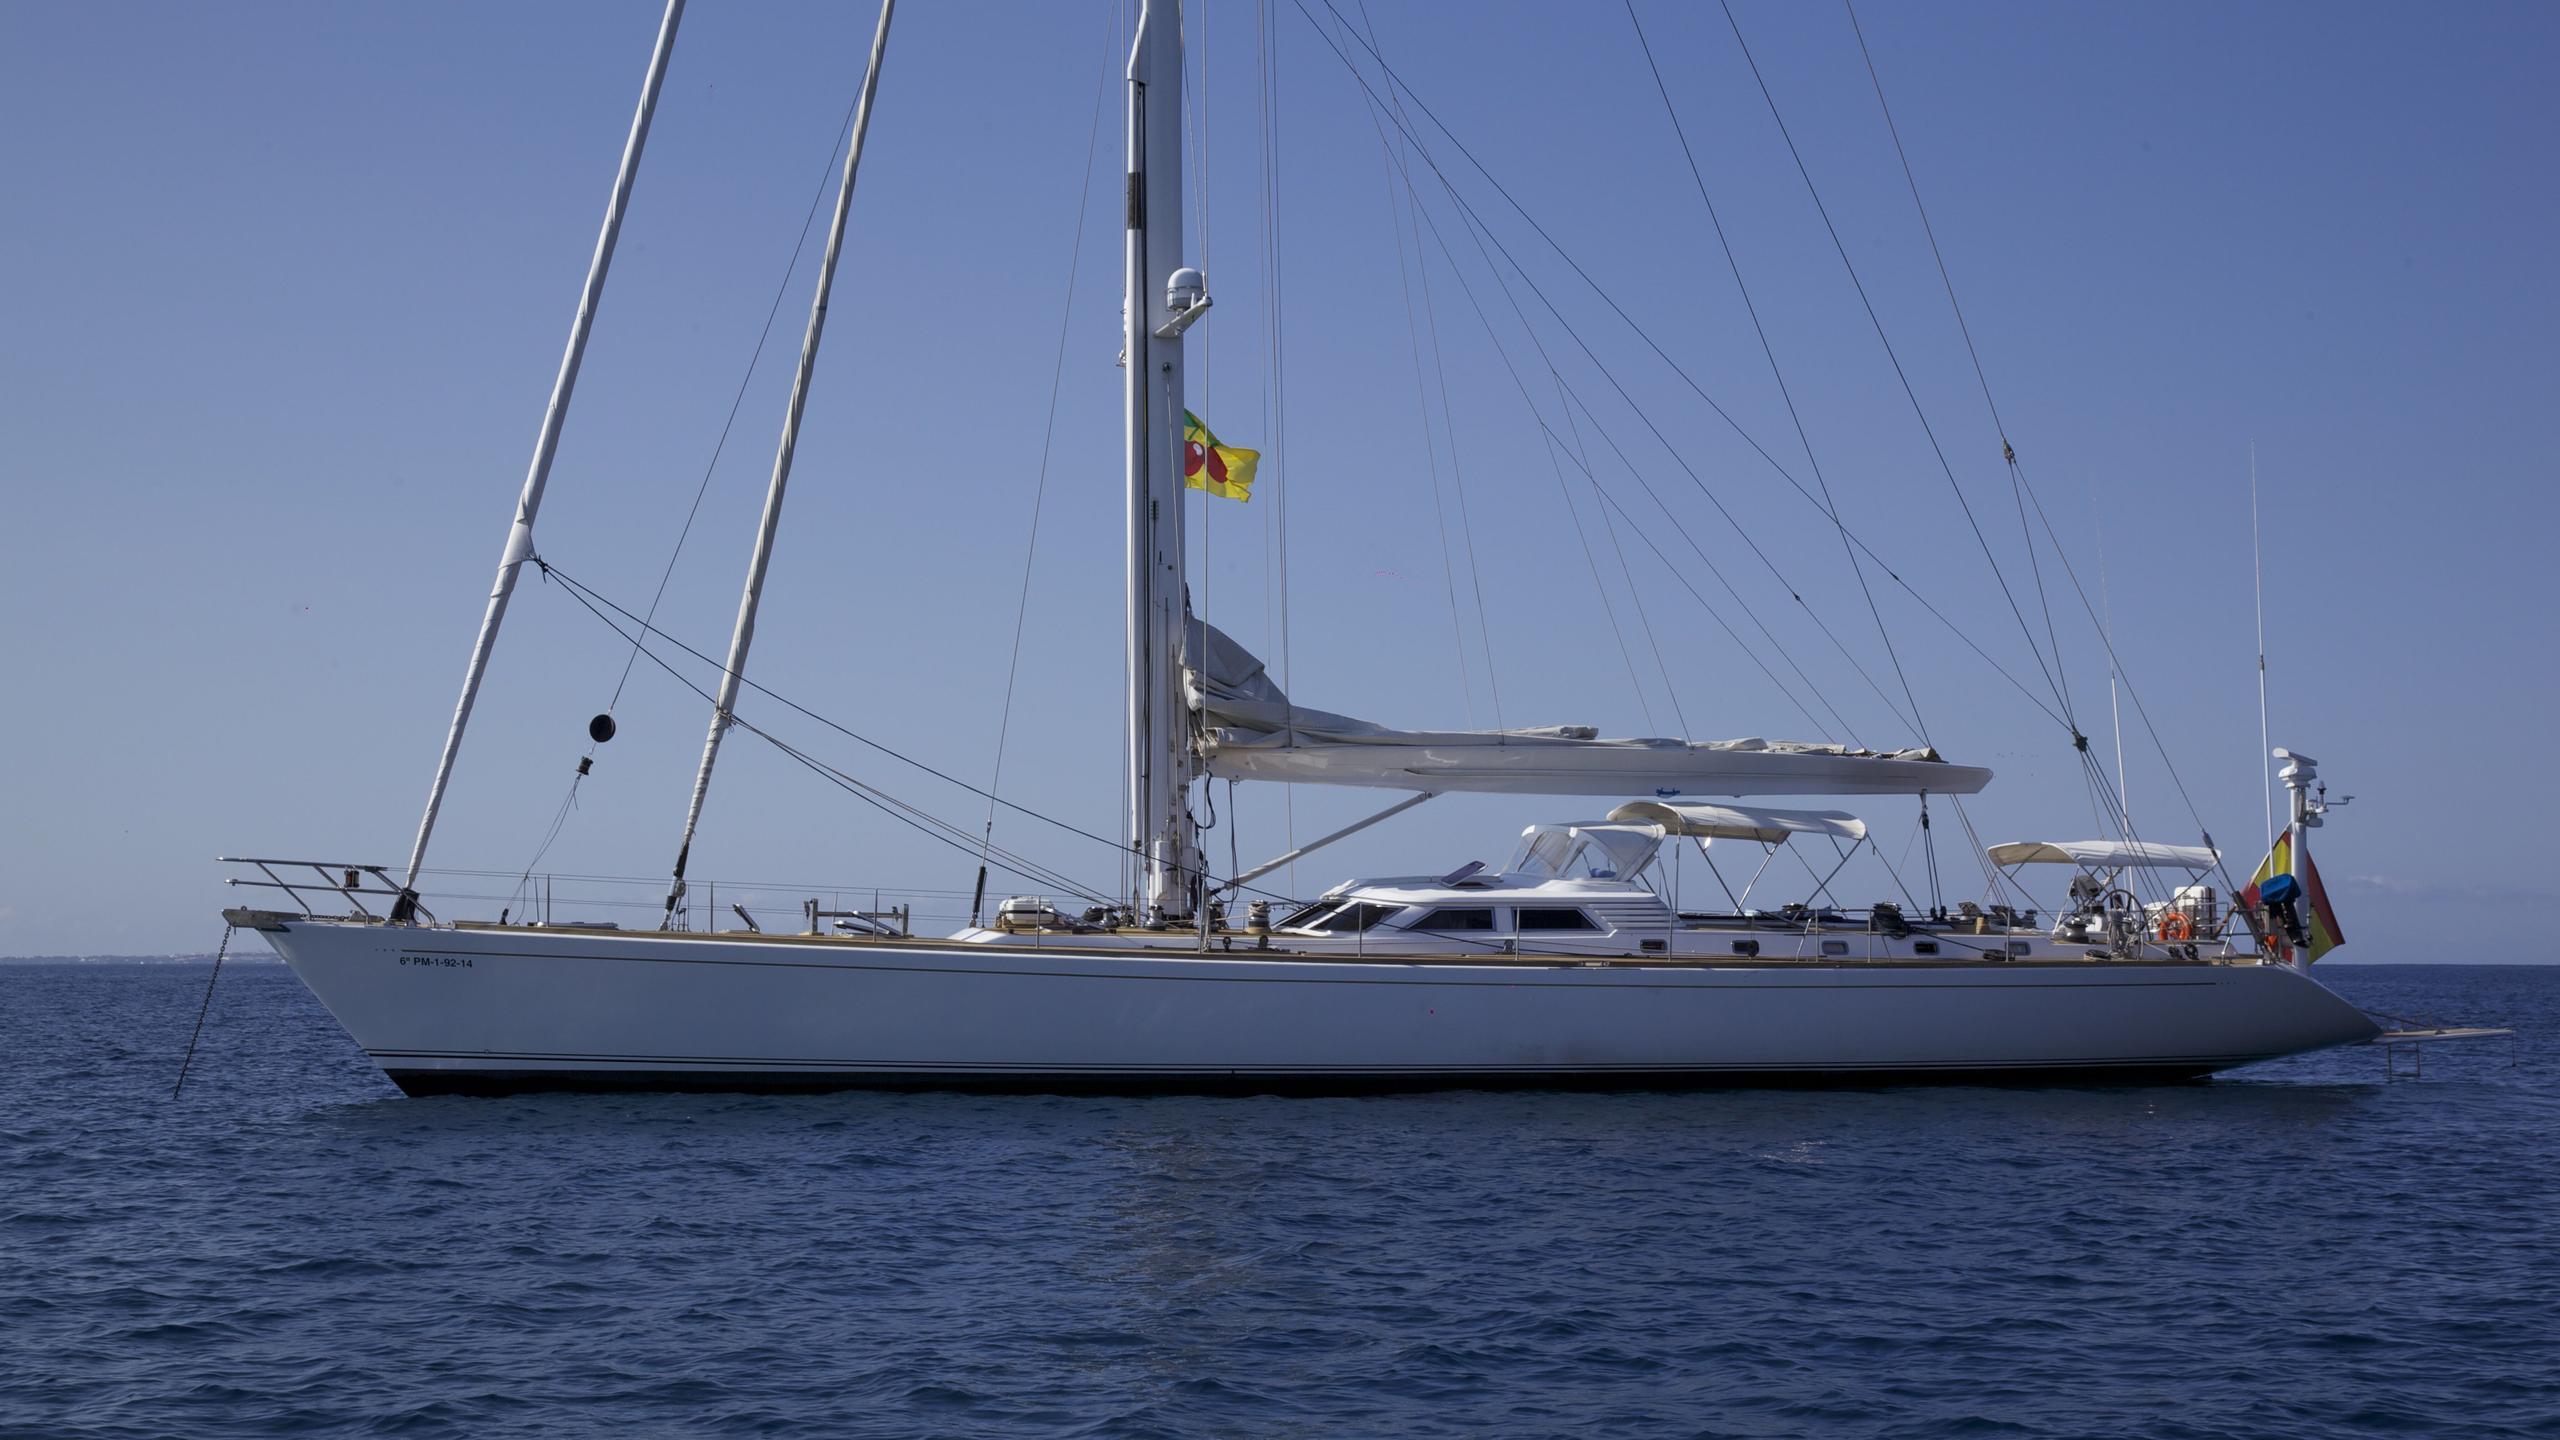 el-baile-yacht-for-sale-profile